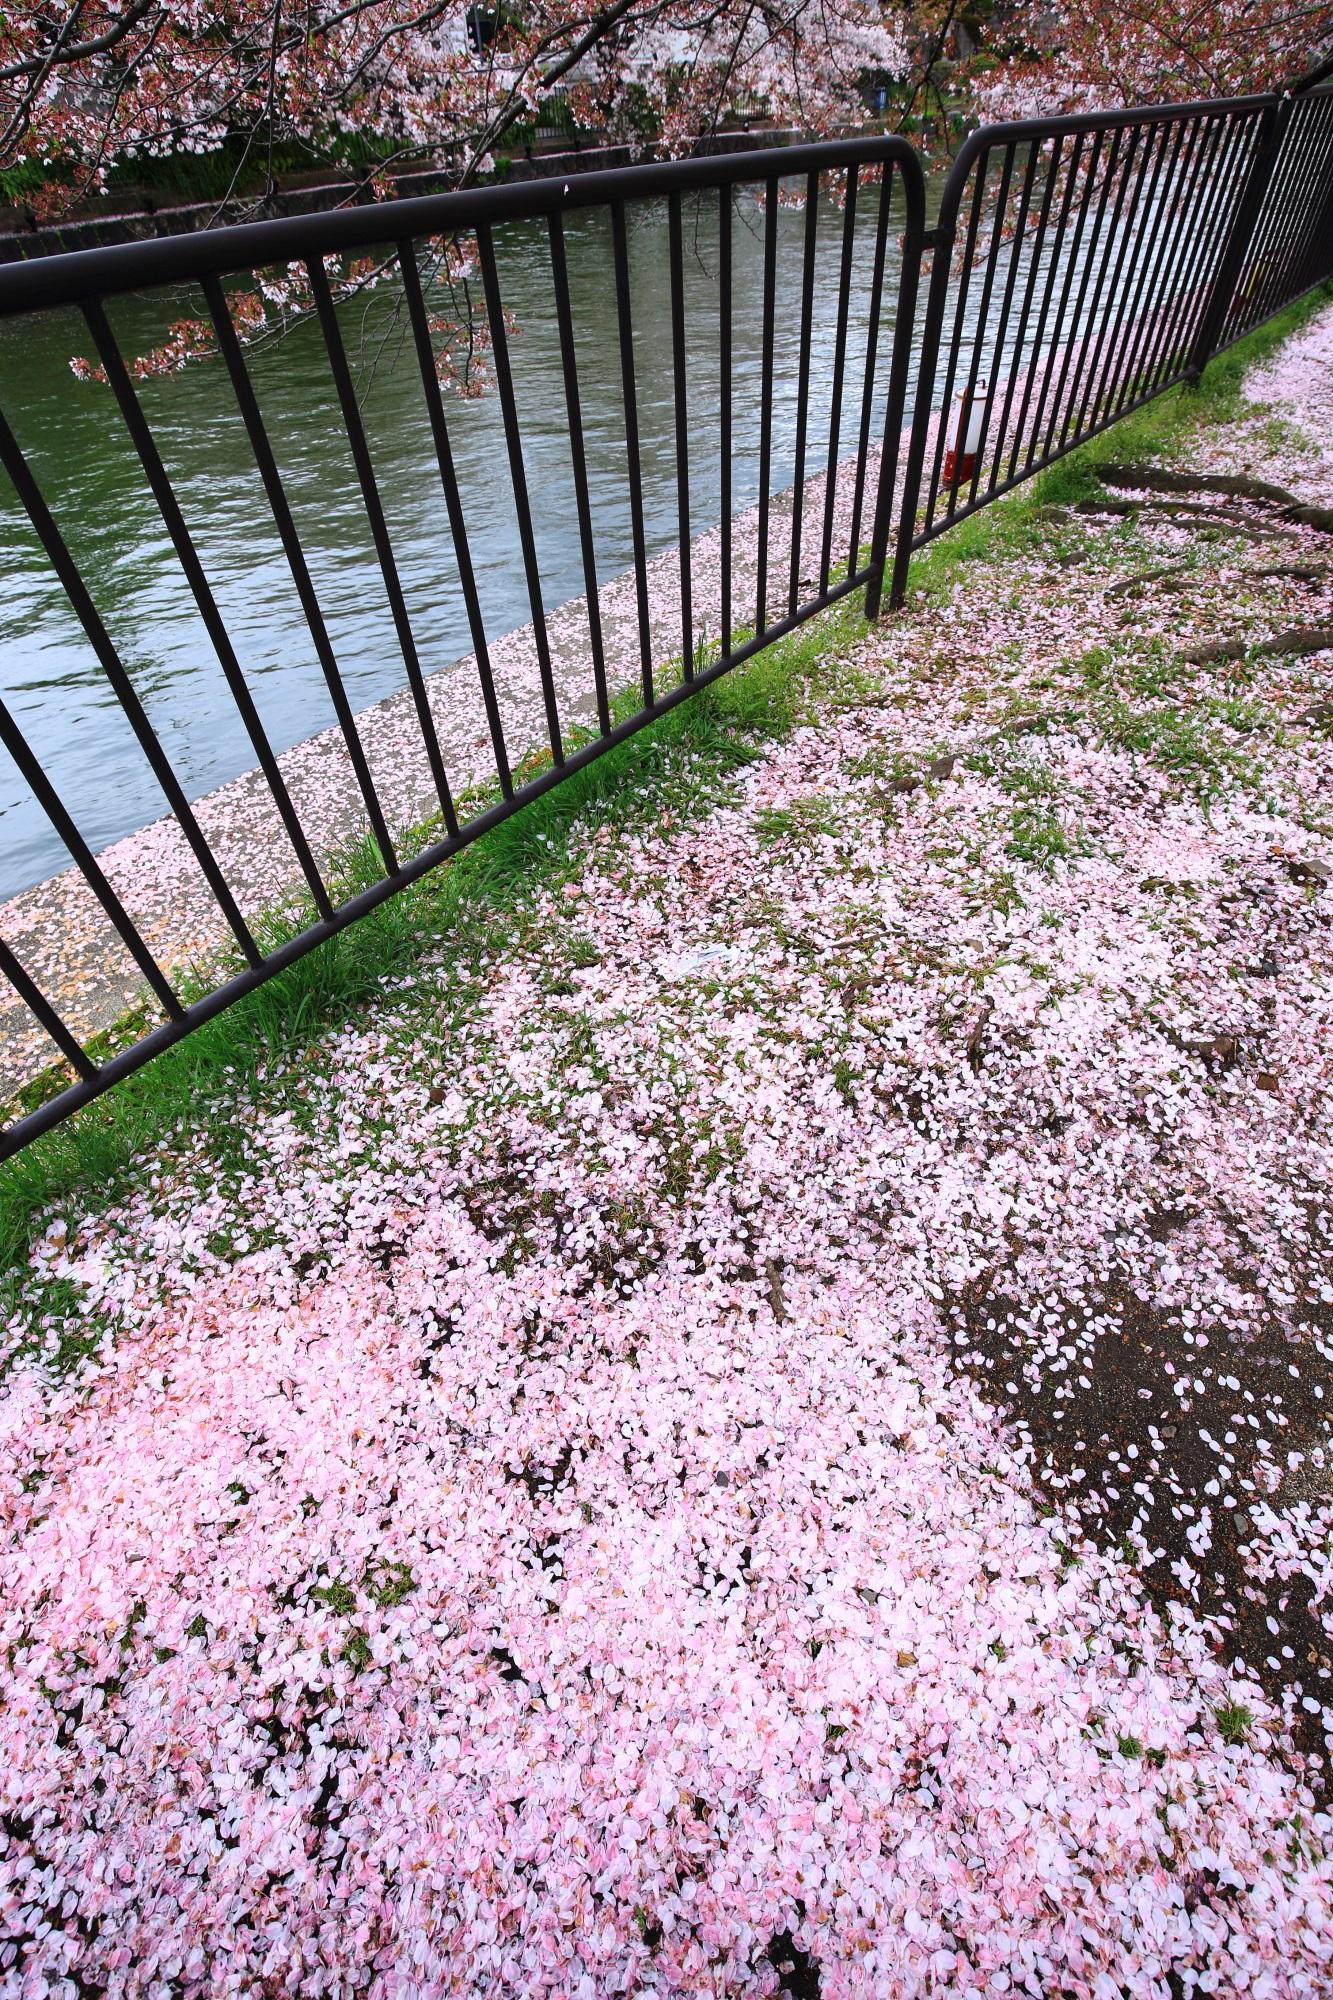 でもやっぱり極上の散り桜